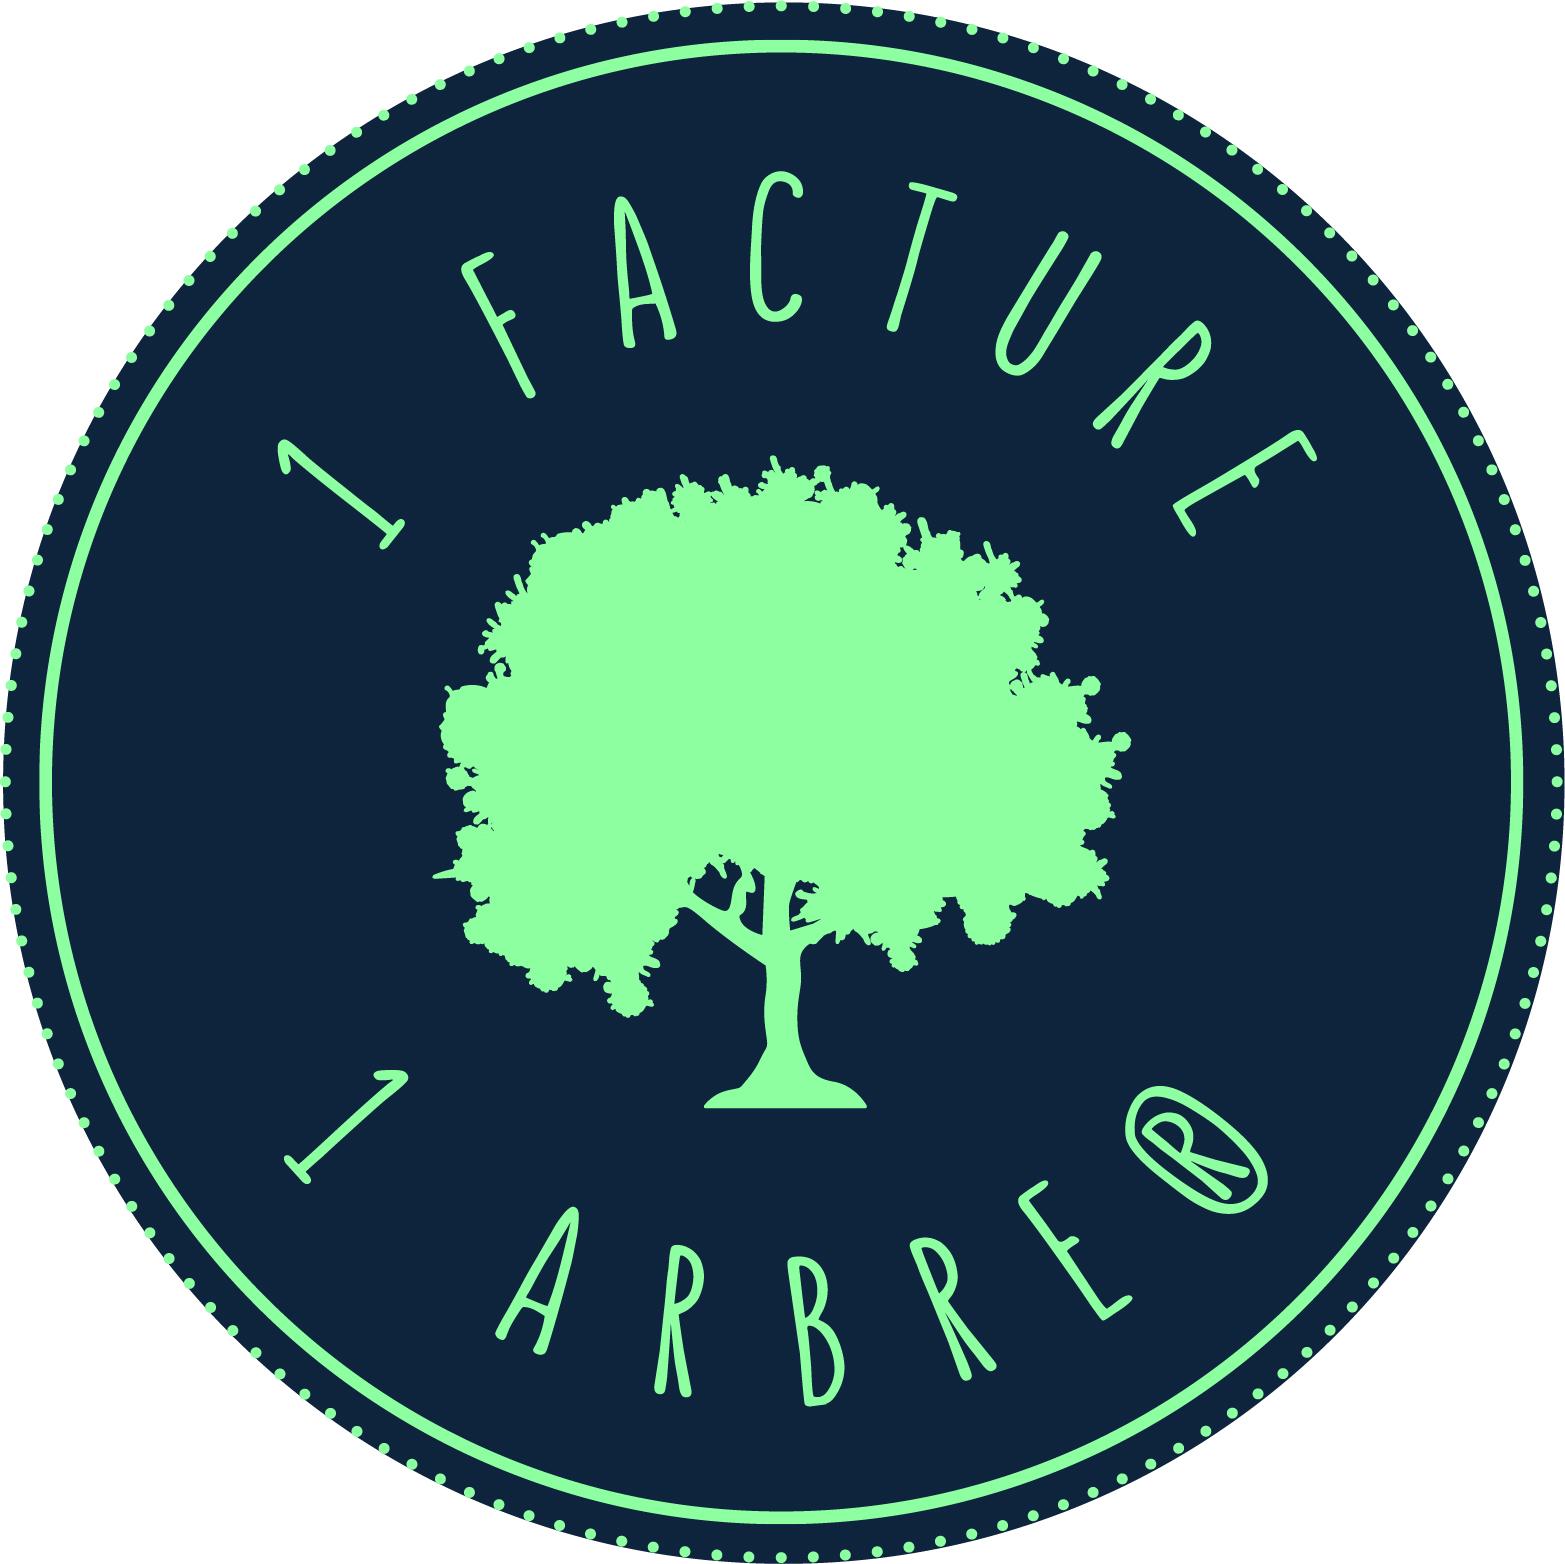 1Facture1Arbre